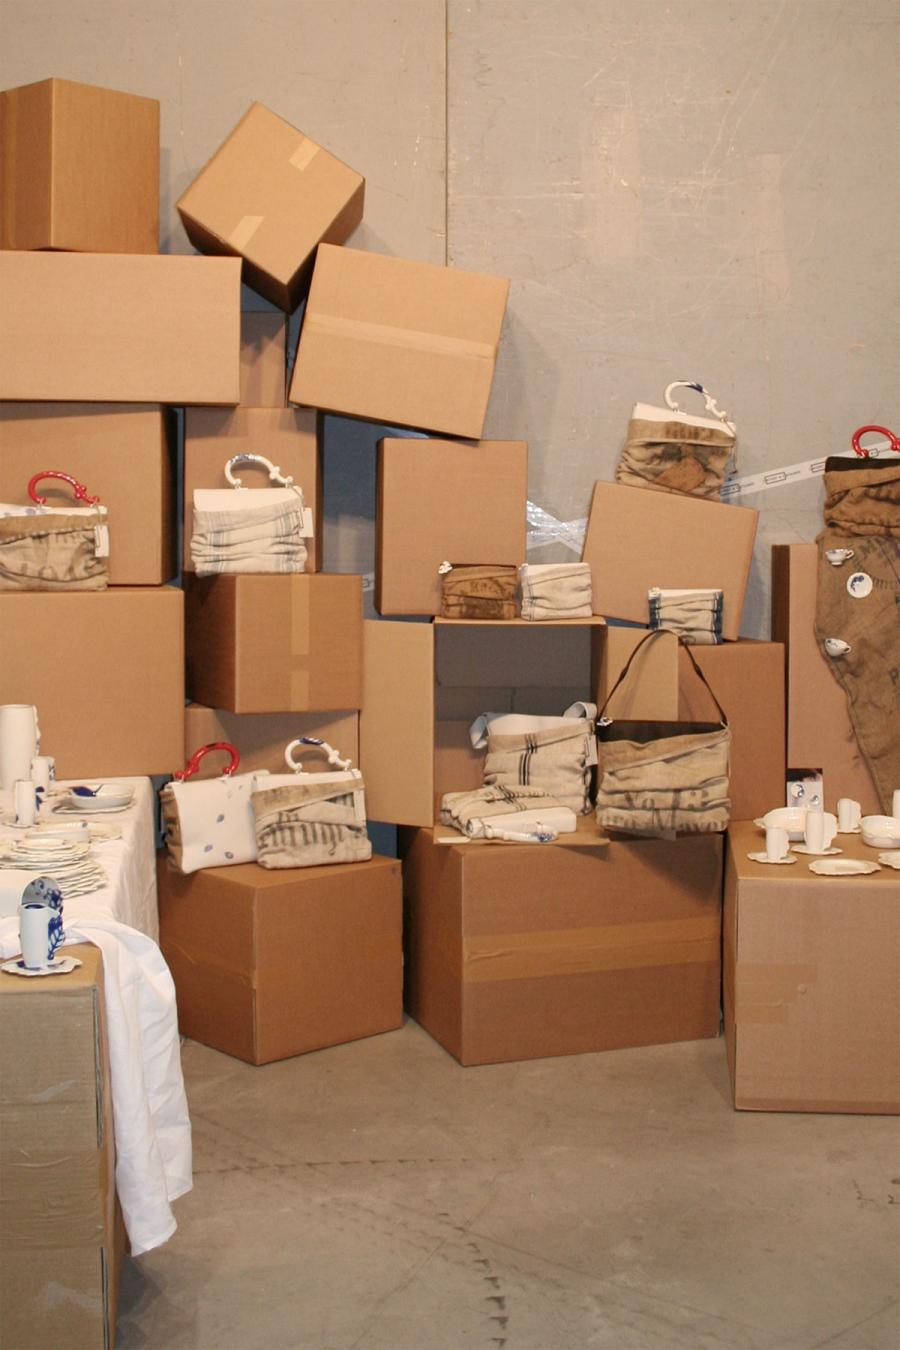 Maison Et Objet 01 11 Exhibitions Content Container